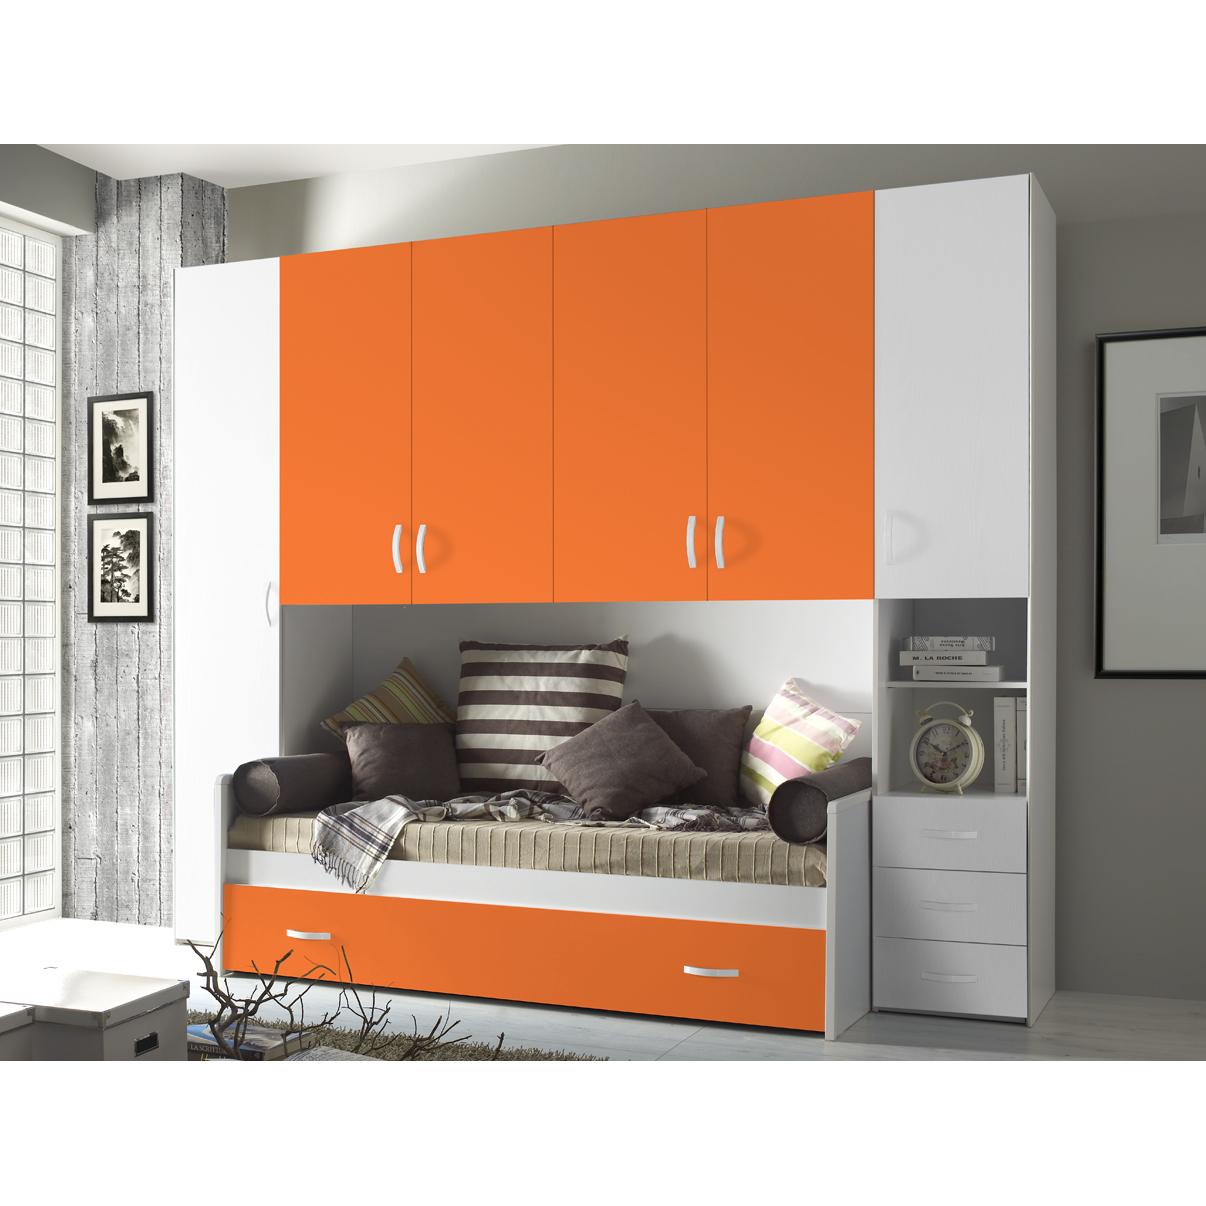 Camere Da Letto Moderne Wenge : Arredamento completo easy arredocasa serafino